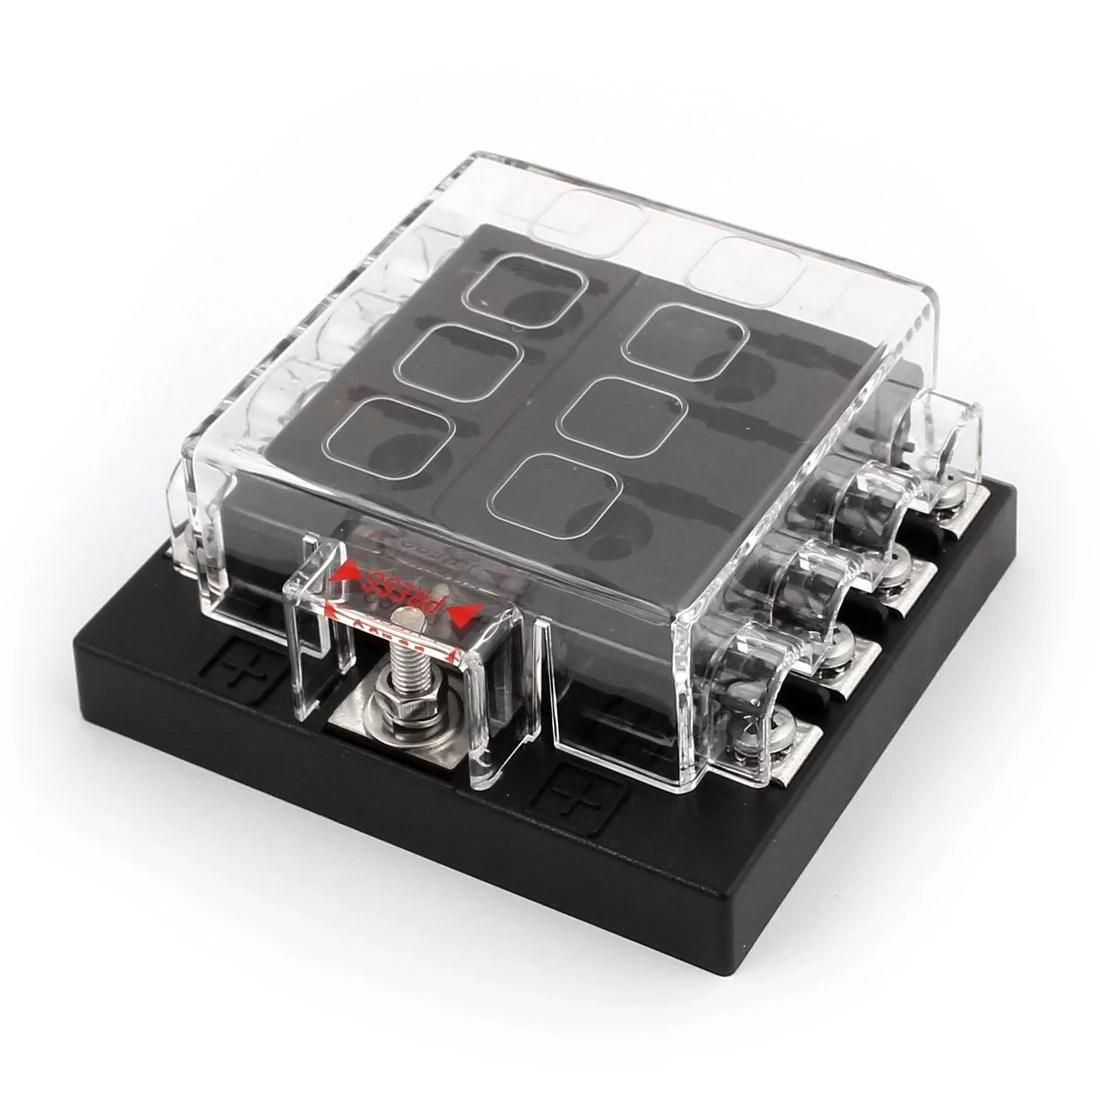 medium resolution of 8 fuse block holder box wiring diagram dat 8 fuse block holder box